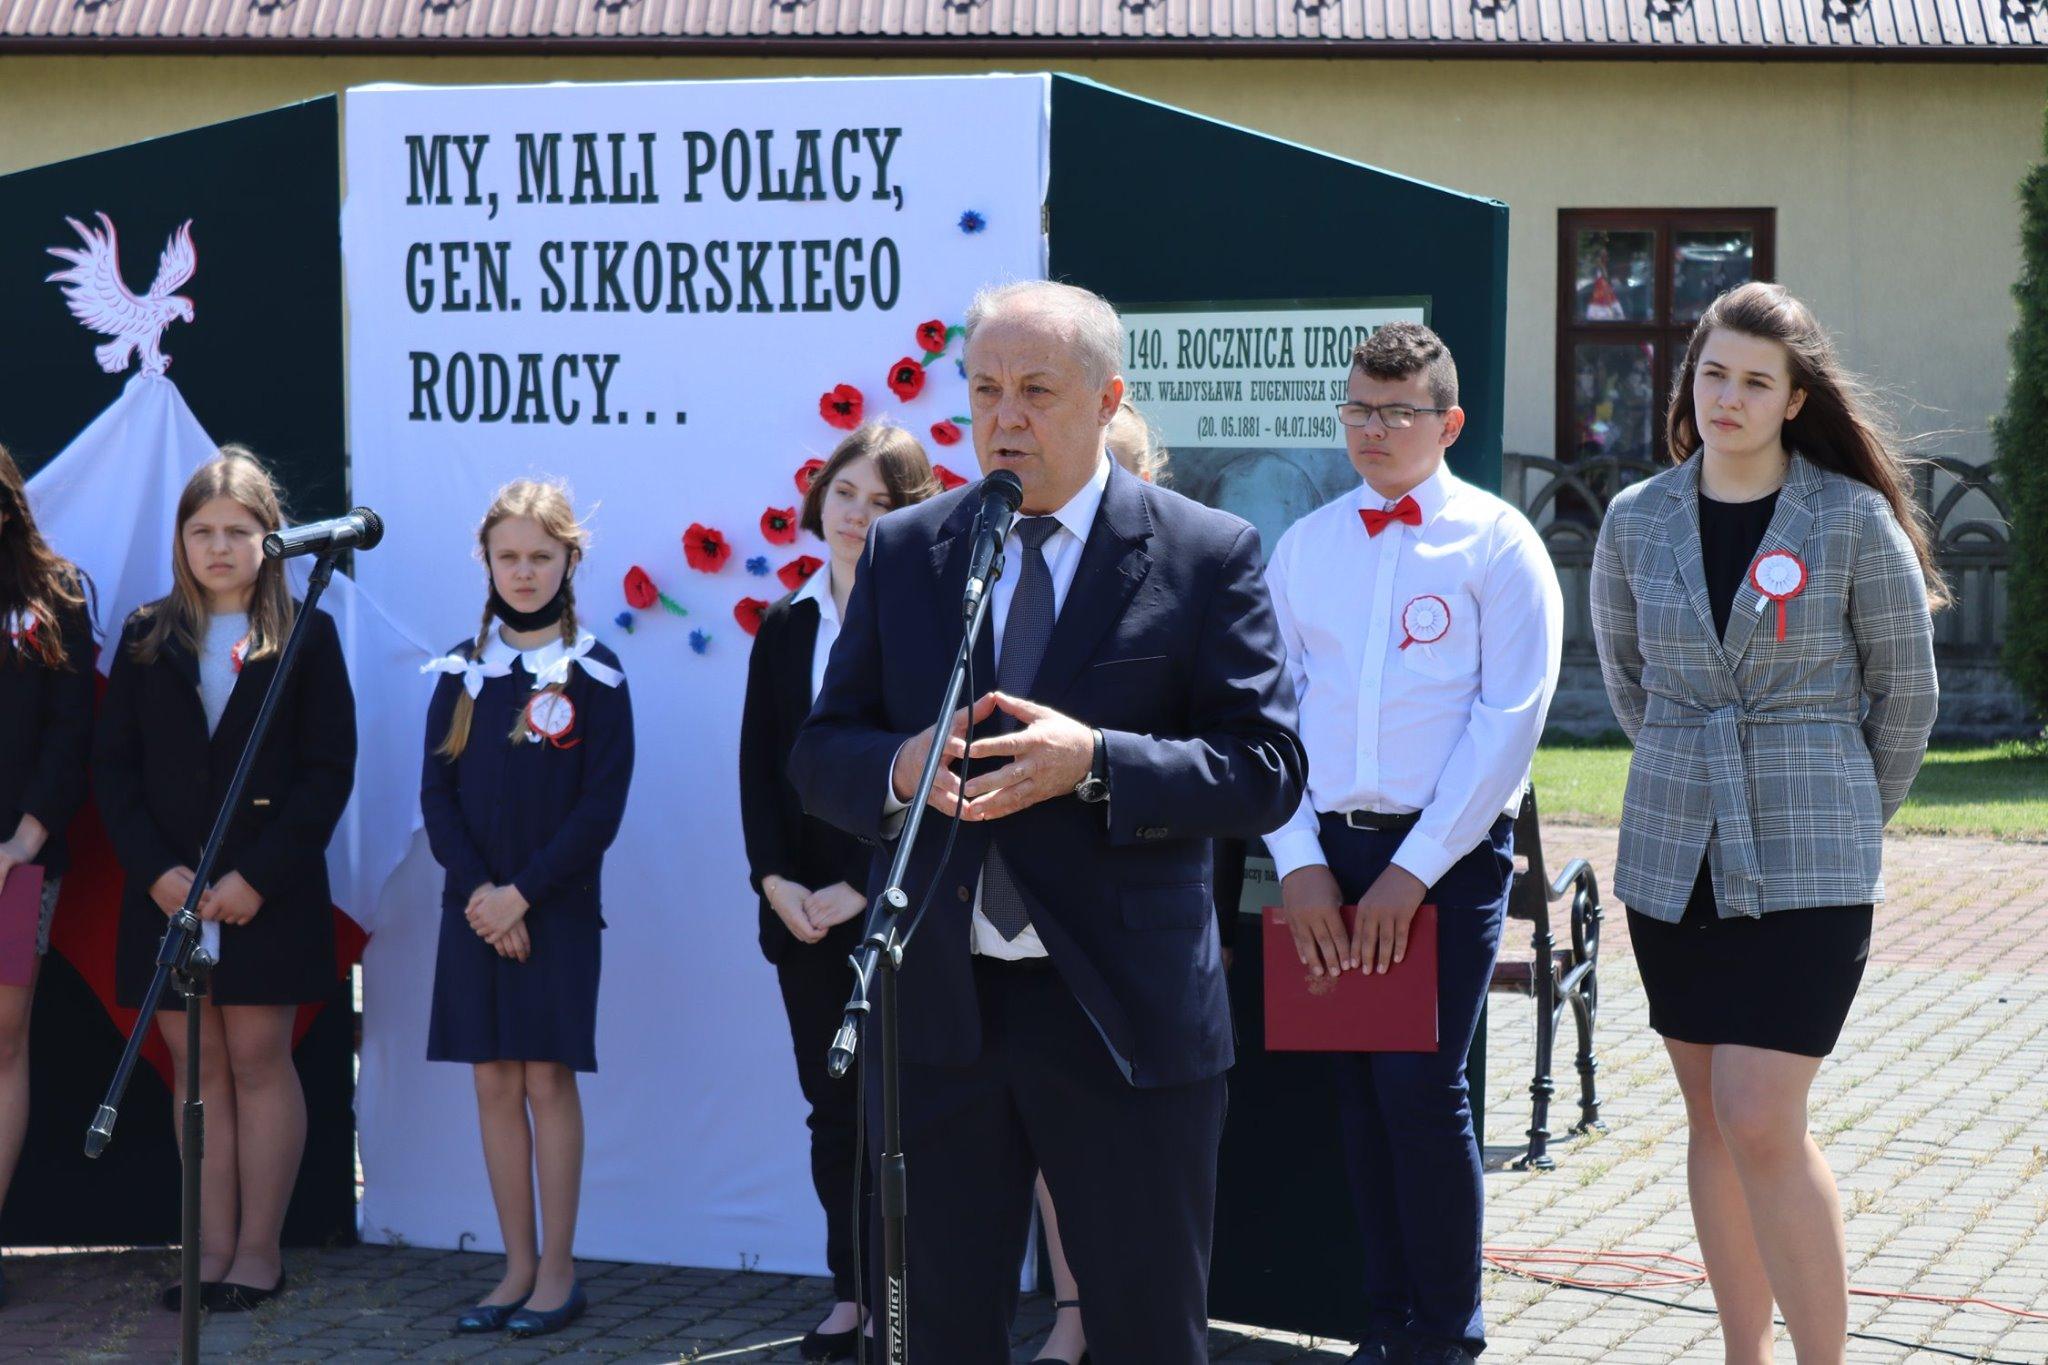 Uroczystości w Tuszowie. Mija 140. rocznica urodzin gen. Sikorskiego [ZDJĘCIA] - Zdjęcie główne